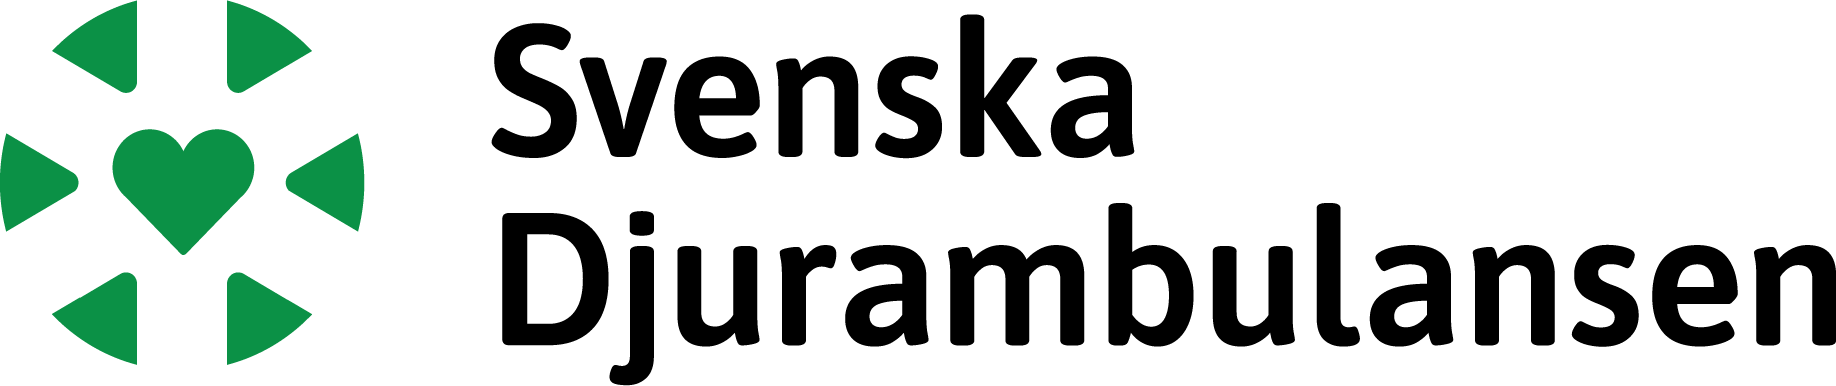 Svenska Djurambulansens logotyp